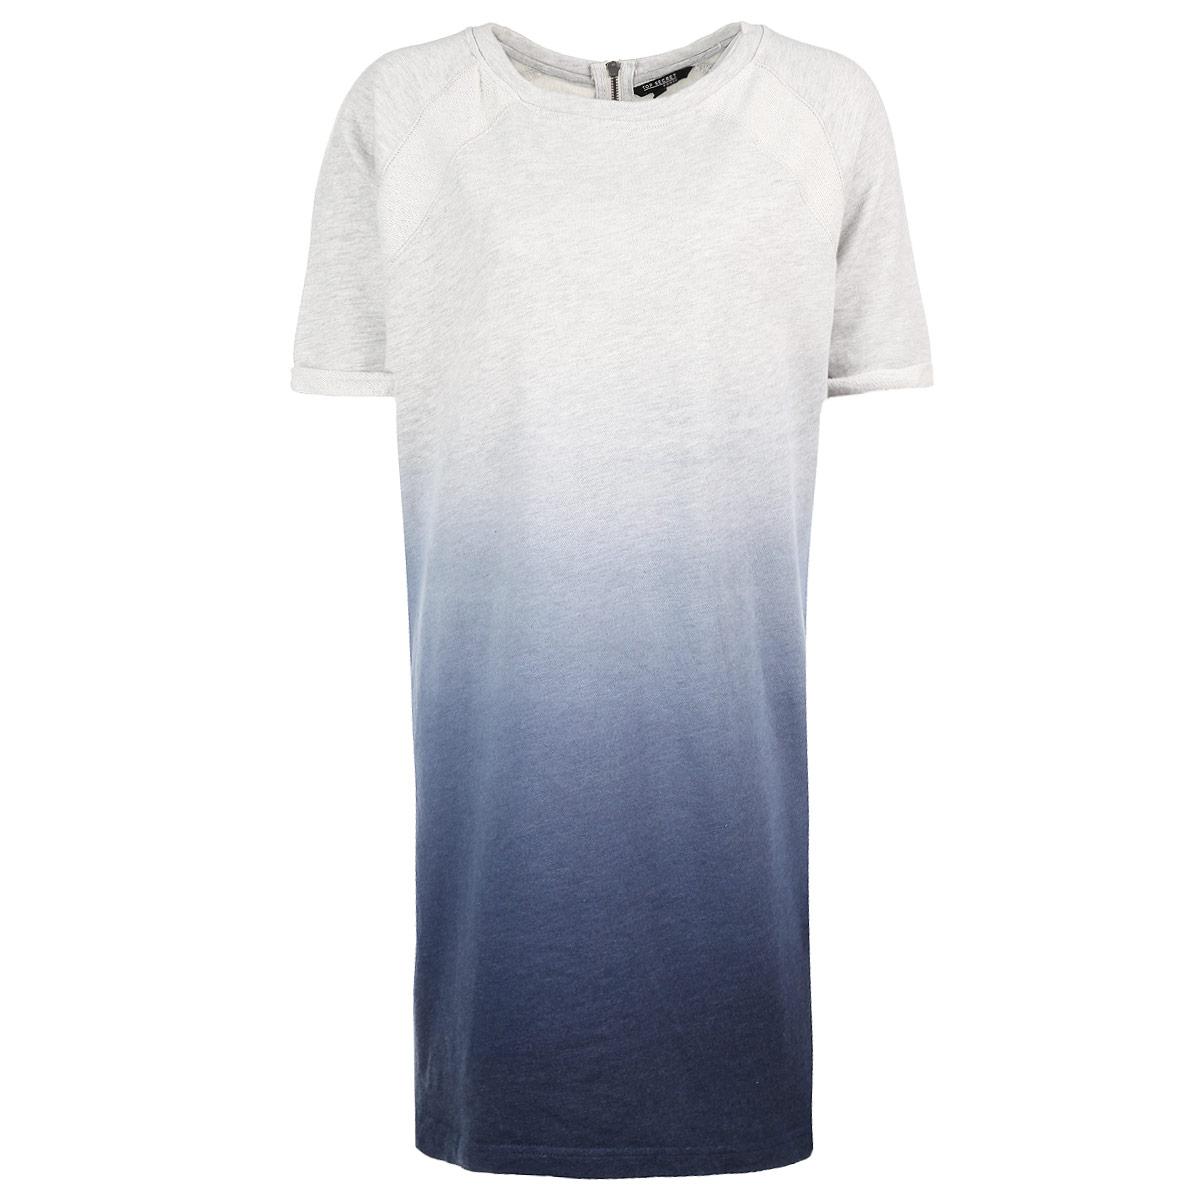 Платье. SSU1360GBSSU1360GBМодное трикотажное платье Top Secret, выполненное из высококачественного материала, обладает высокой теплопроводностью, воздухопроницаемостью и гигроскопичностью, позволяет коже дышать, очень комфортно при носке. Модель свободного кроя с рукавами длиной до локтя и круглым вырезом горловины - прекрасная комбинация комфорта и стиля. На спинке платье застегивается на металлическую молнию. Рукава оформлены небольшими отворотами. Такая модель будет дарить вам комфорт и послужит замечательным дополнением к вашему гардеробу.